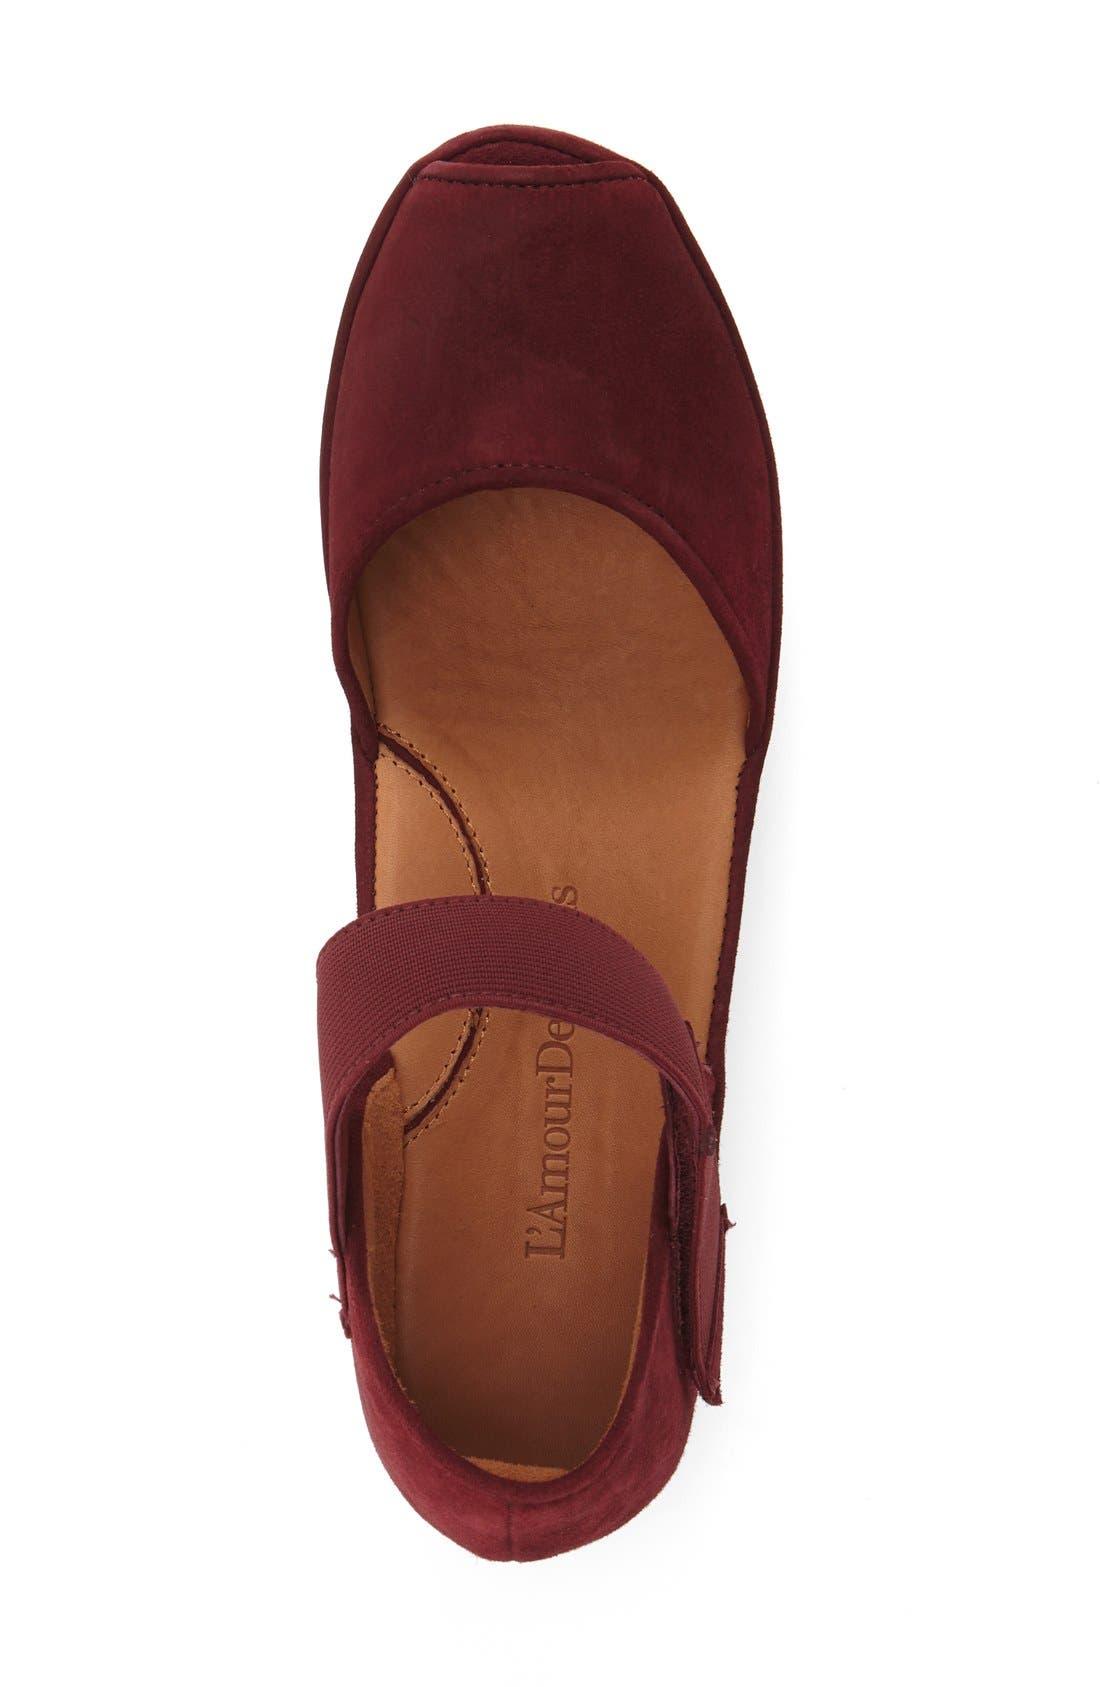 L'AMOUR DES PIEDS, 'Amadour' Platform Sandal, Alternate thumbnail 3, color, MULBERRY SUEDE LEATHER